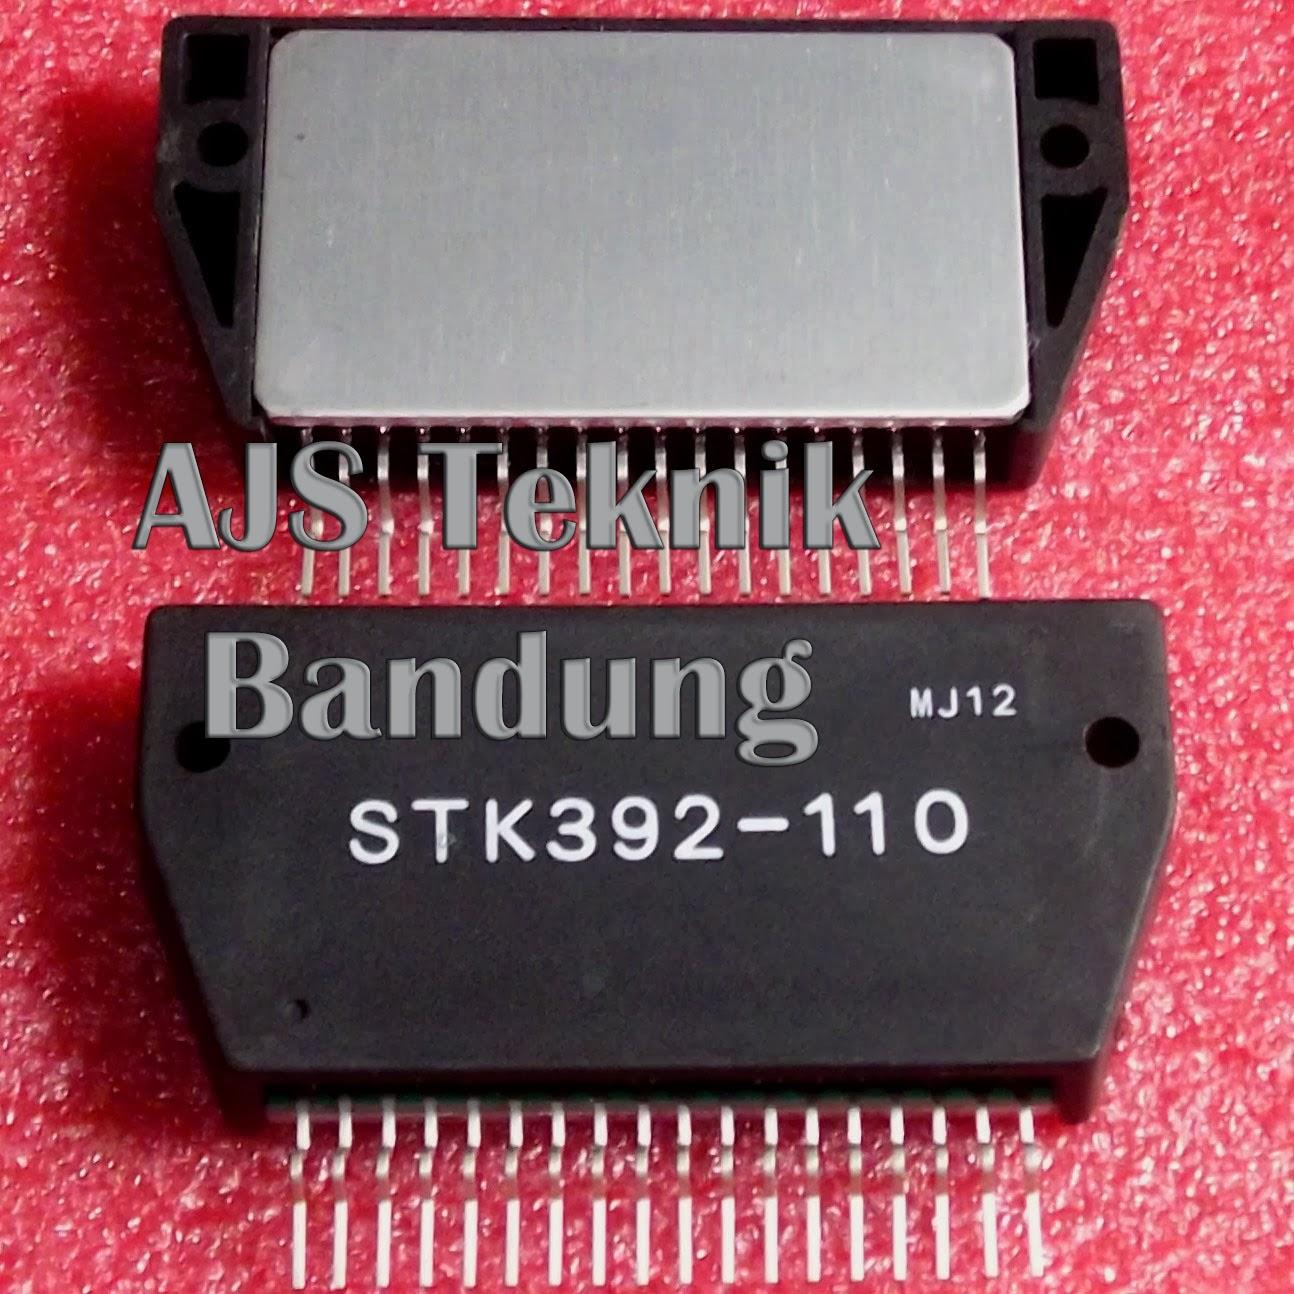 STK392-110